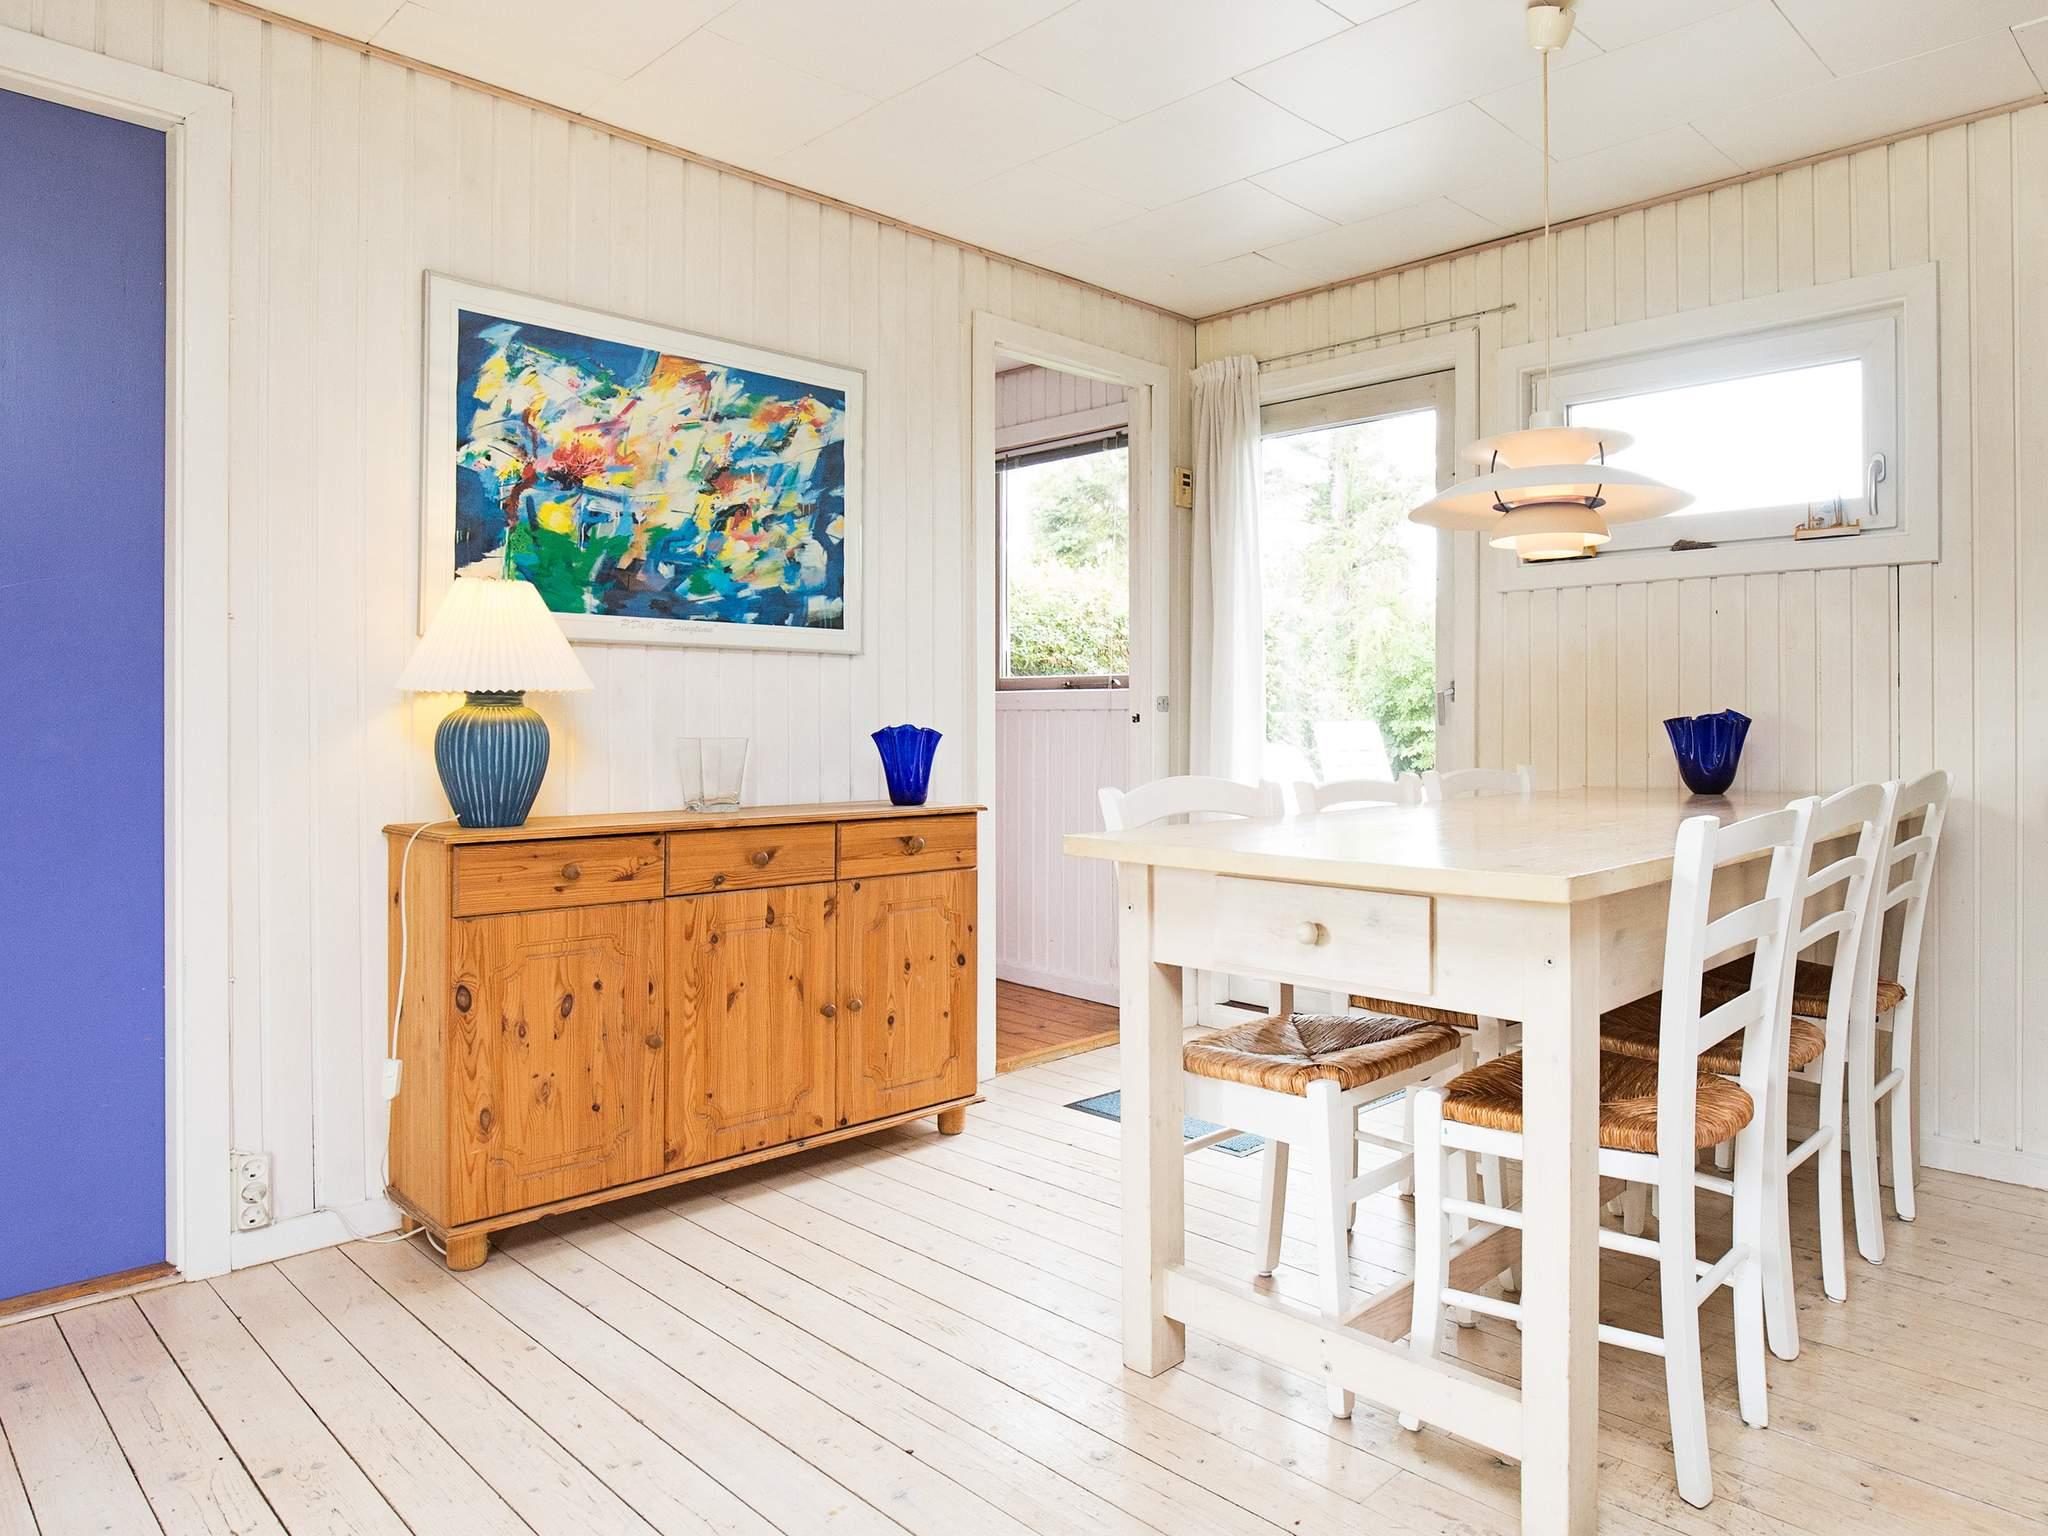 Ferienhaus Enø (85461), Karrebæksminde, , Südseeland, Dänemark, Bild 2